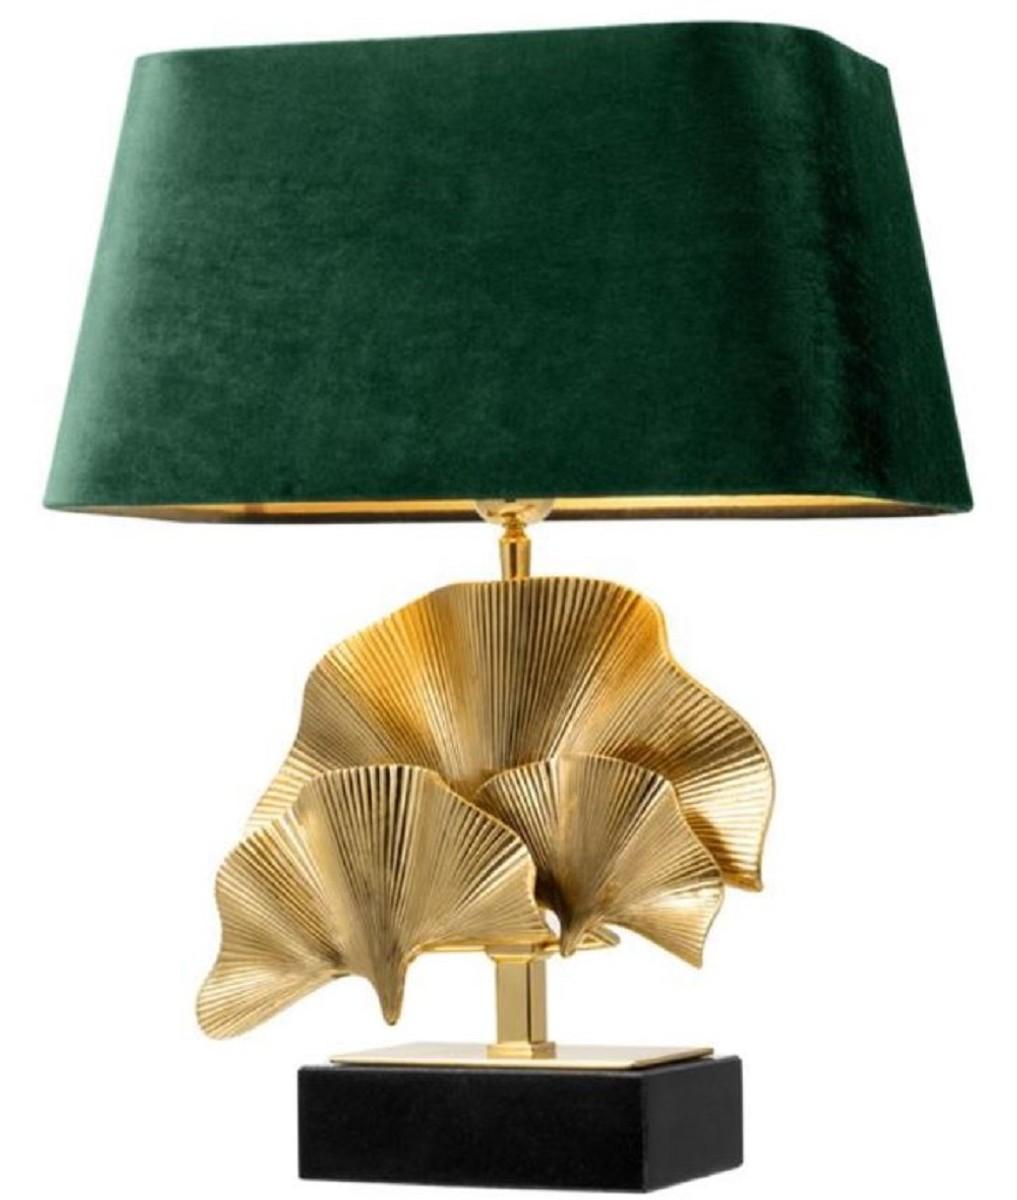 Full Size of Casa Padrino Luxus Tischleuchte Messingfarben Schwarz Grn 41 Heizkörper Wohnzimmer Vorhänge Led Beleuchtung Deko Deckenlampe Sideboard Relaxliege Hängelampe Wohnzimmer Tischlampe Wohnzimmer